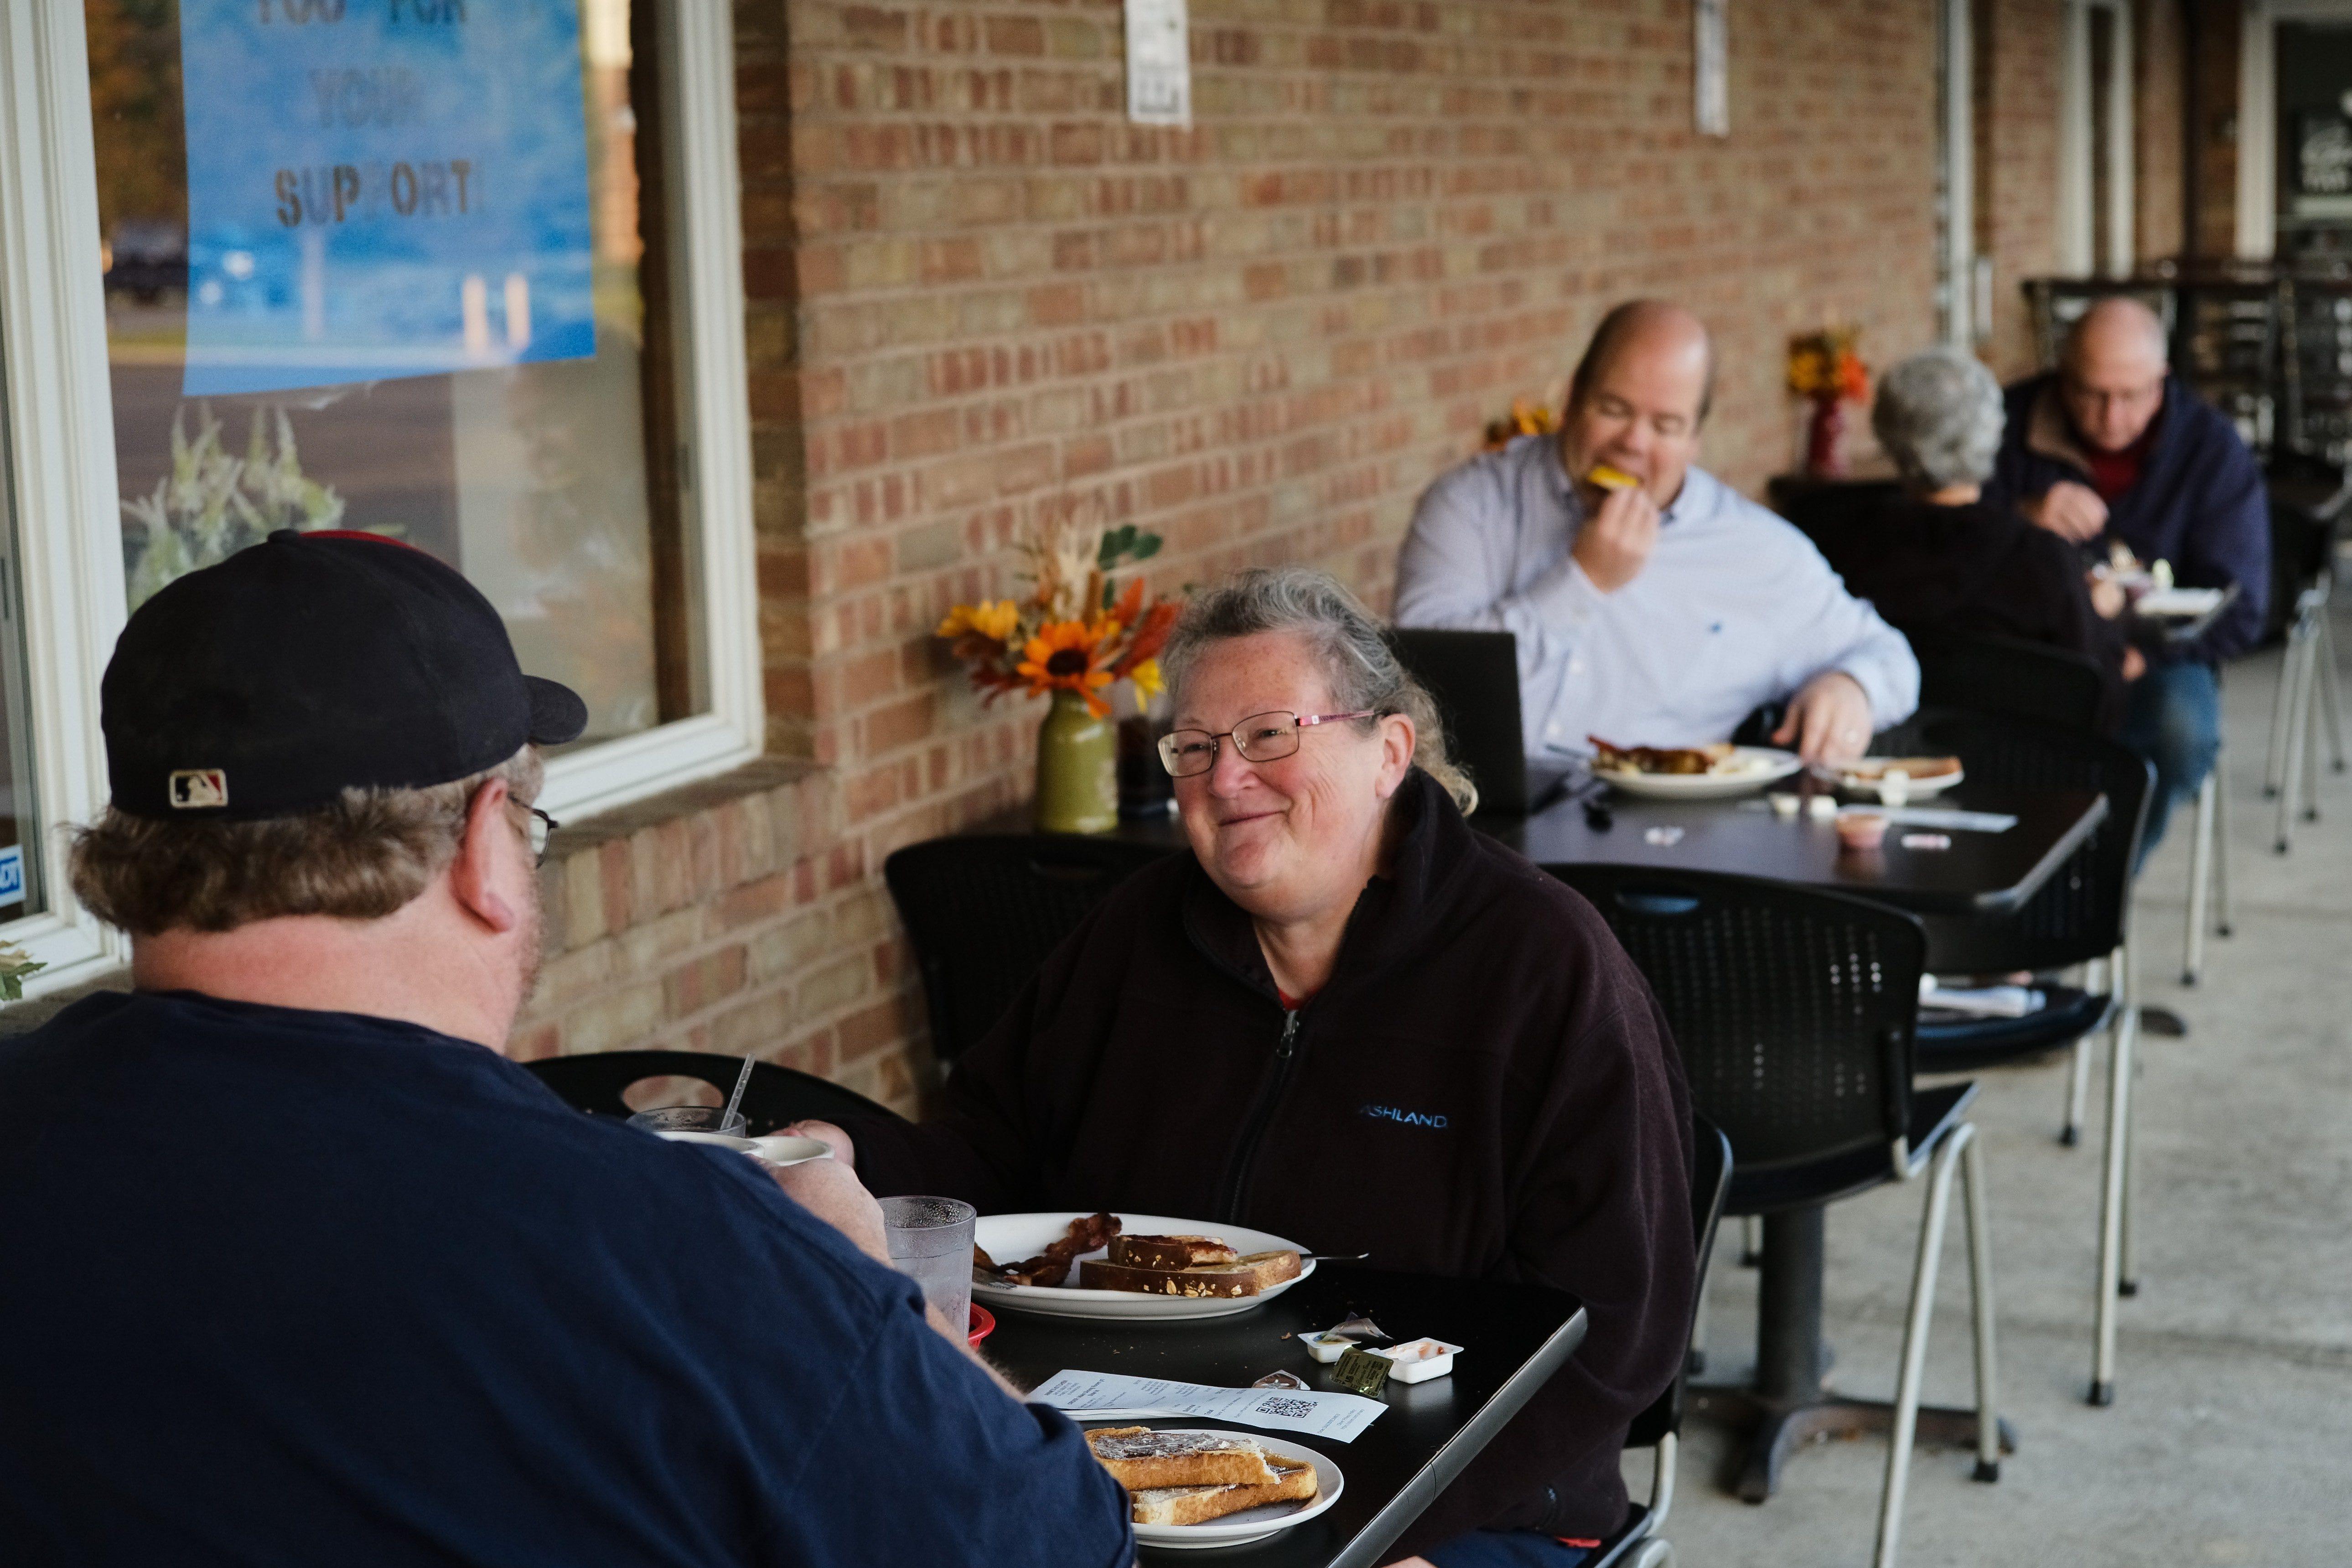 Restaurants Still Wary Of Social Distancing Restrictions